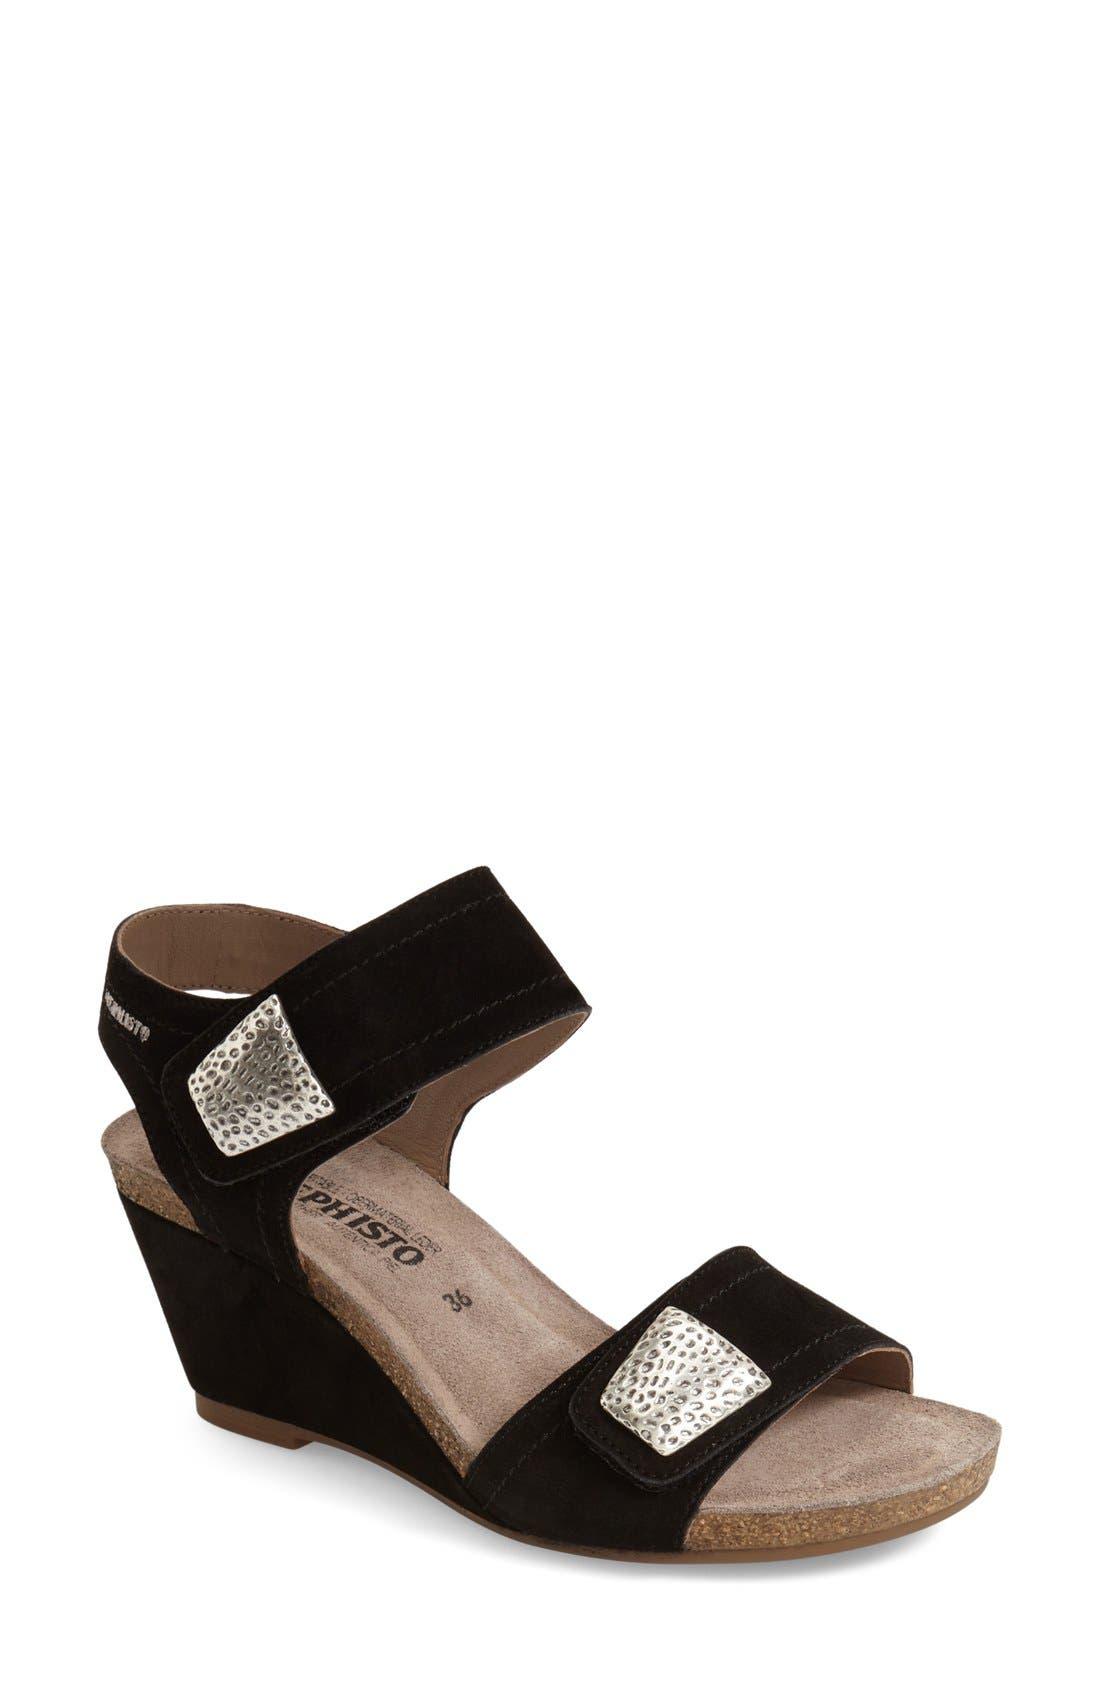 MEPHISTO 'Jackie' Wedge Sandal